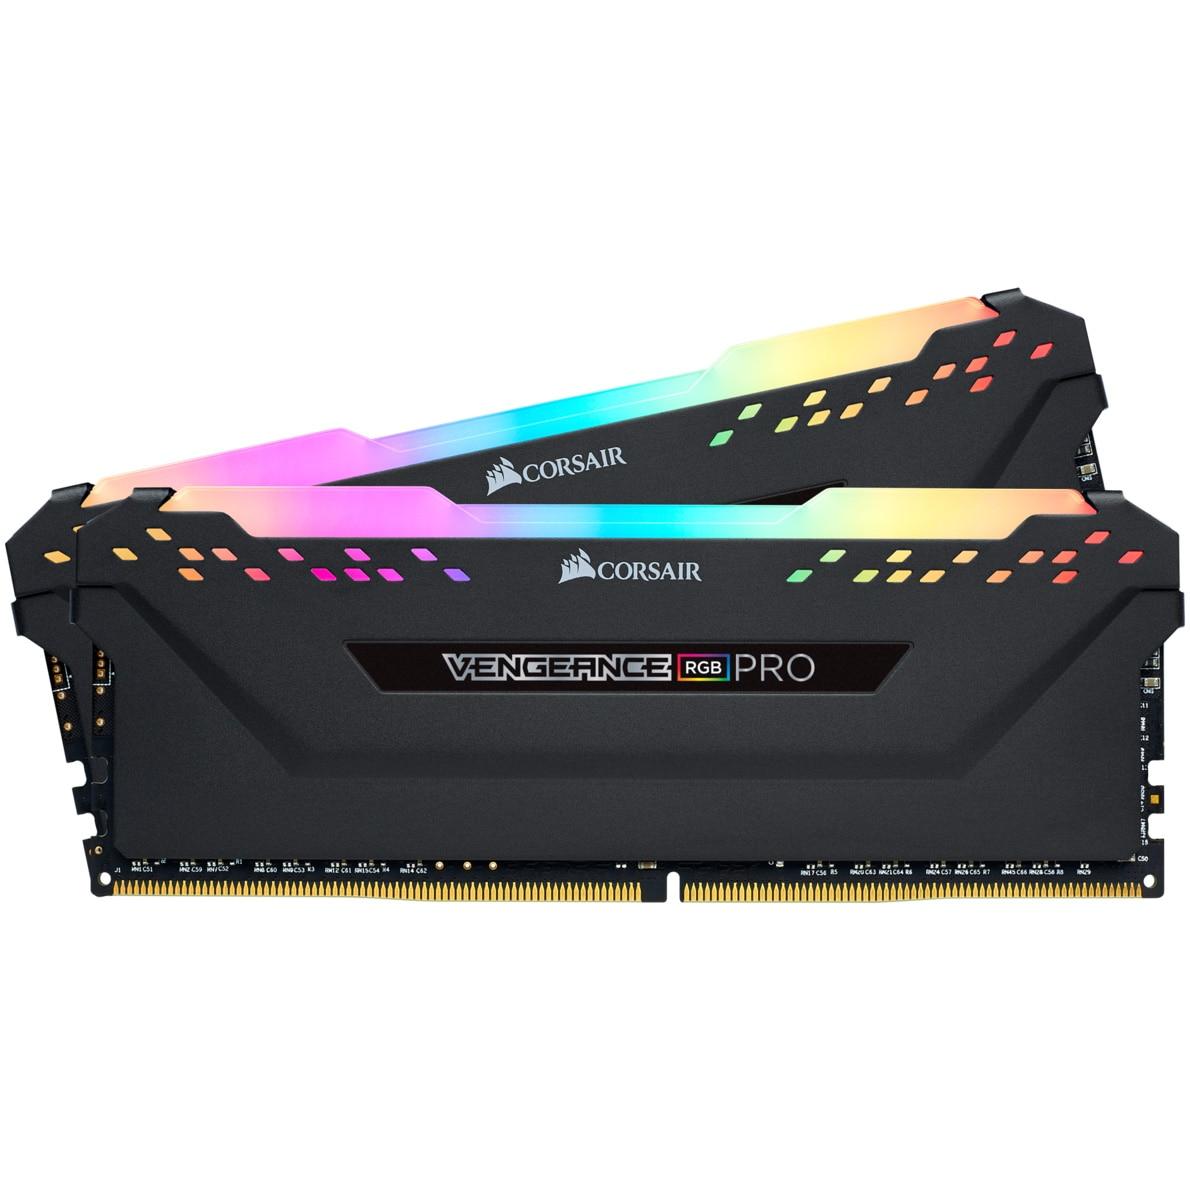 Fotografie Memorie Corsair Vengeance RGB PRO 16GB, DDR4, 3200MHz, CL16, Dual Channel Kit